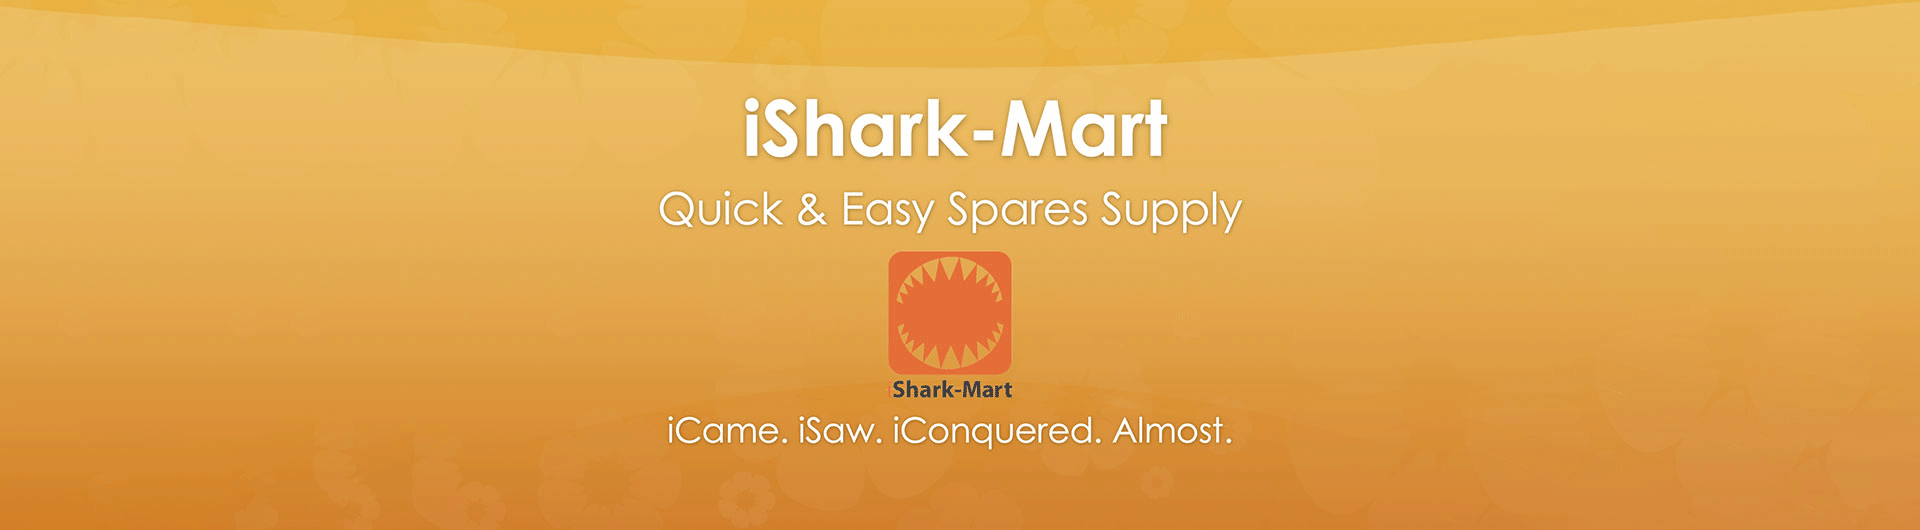 iSharkmart